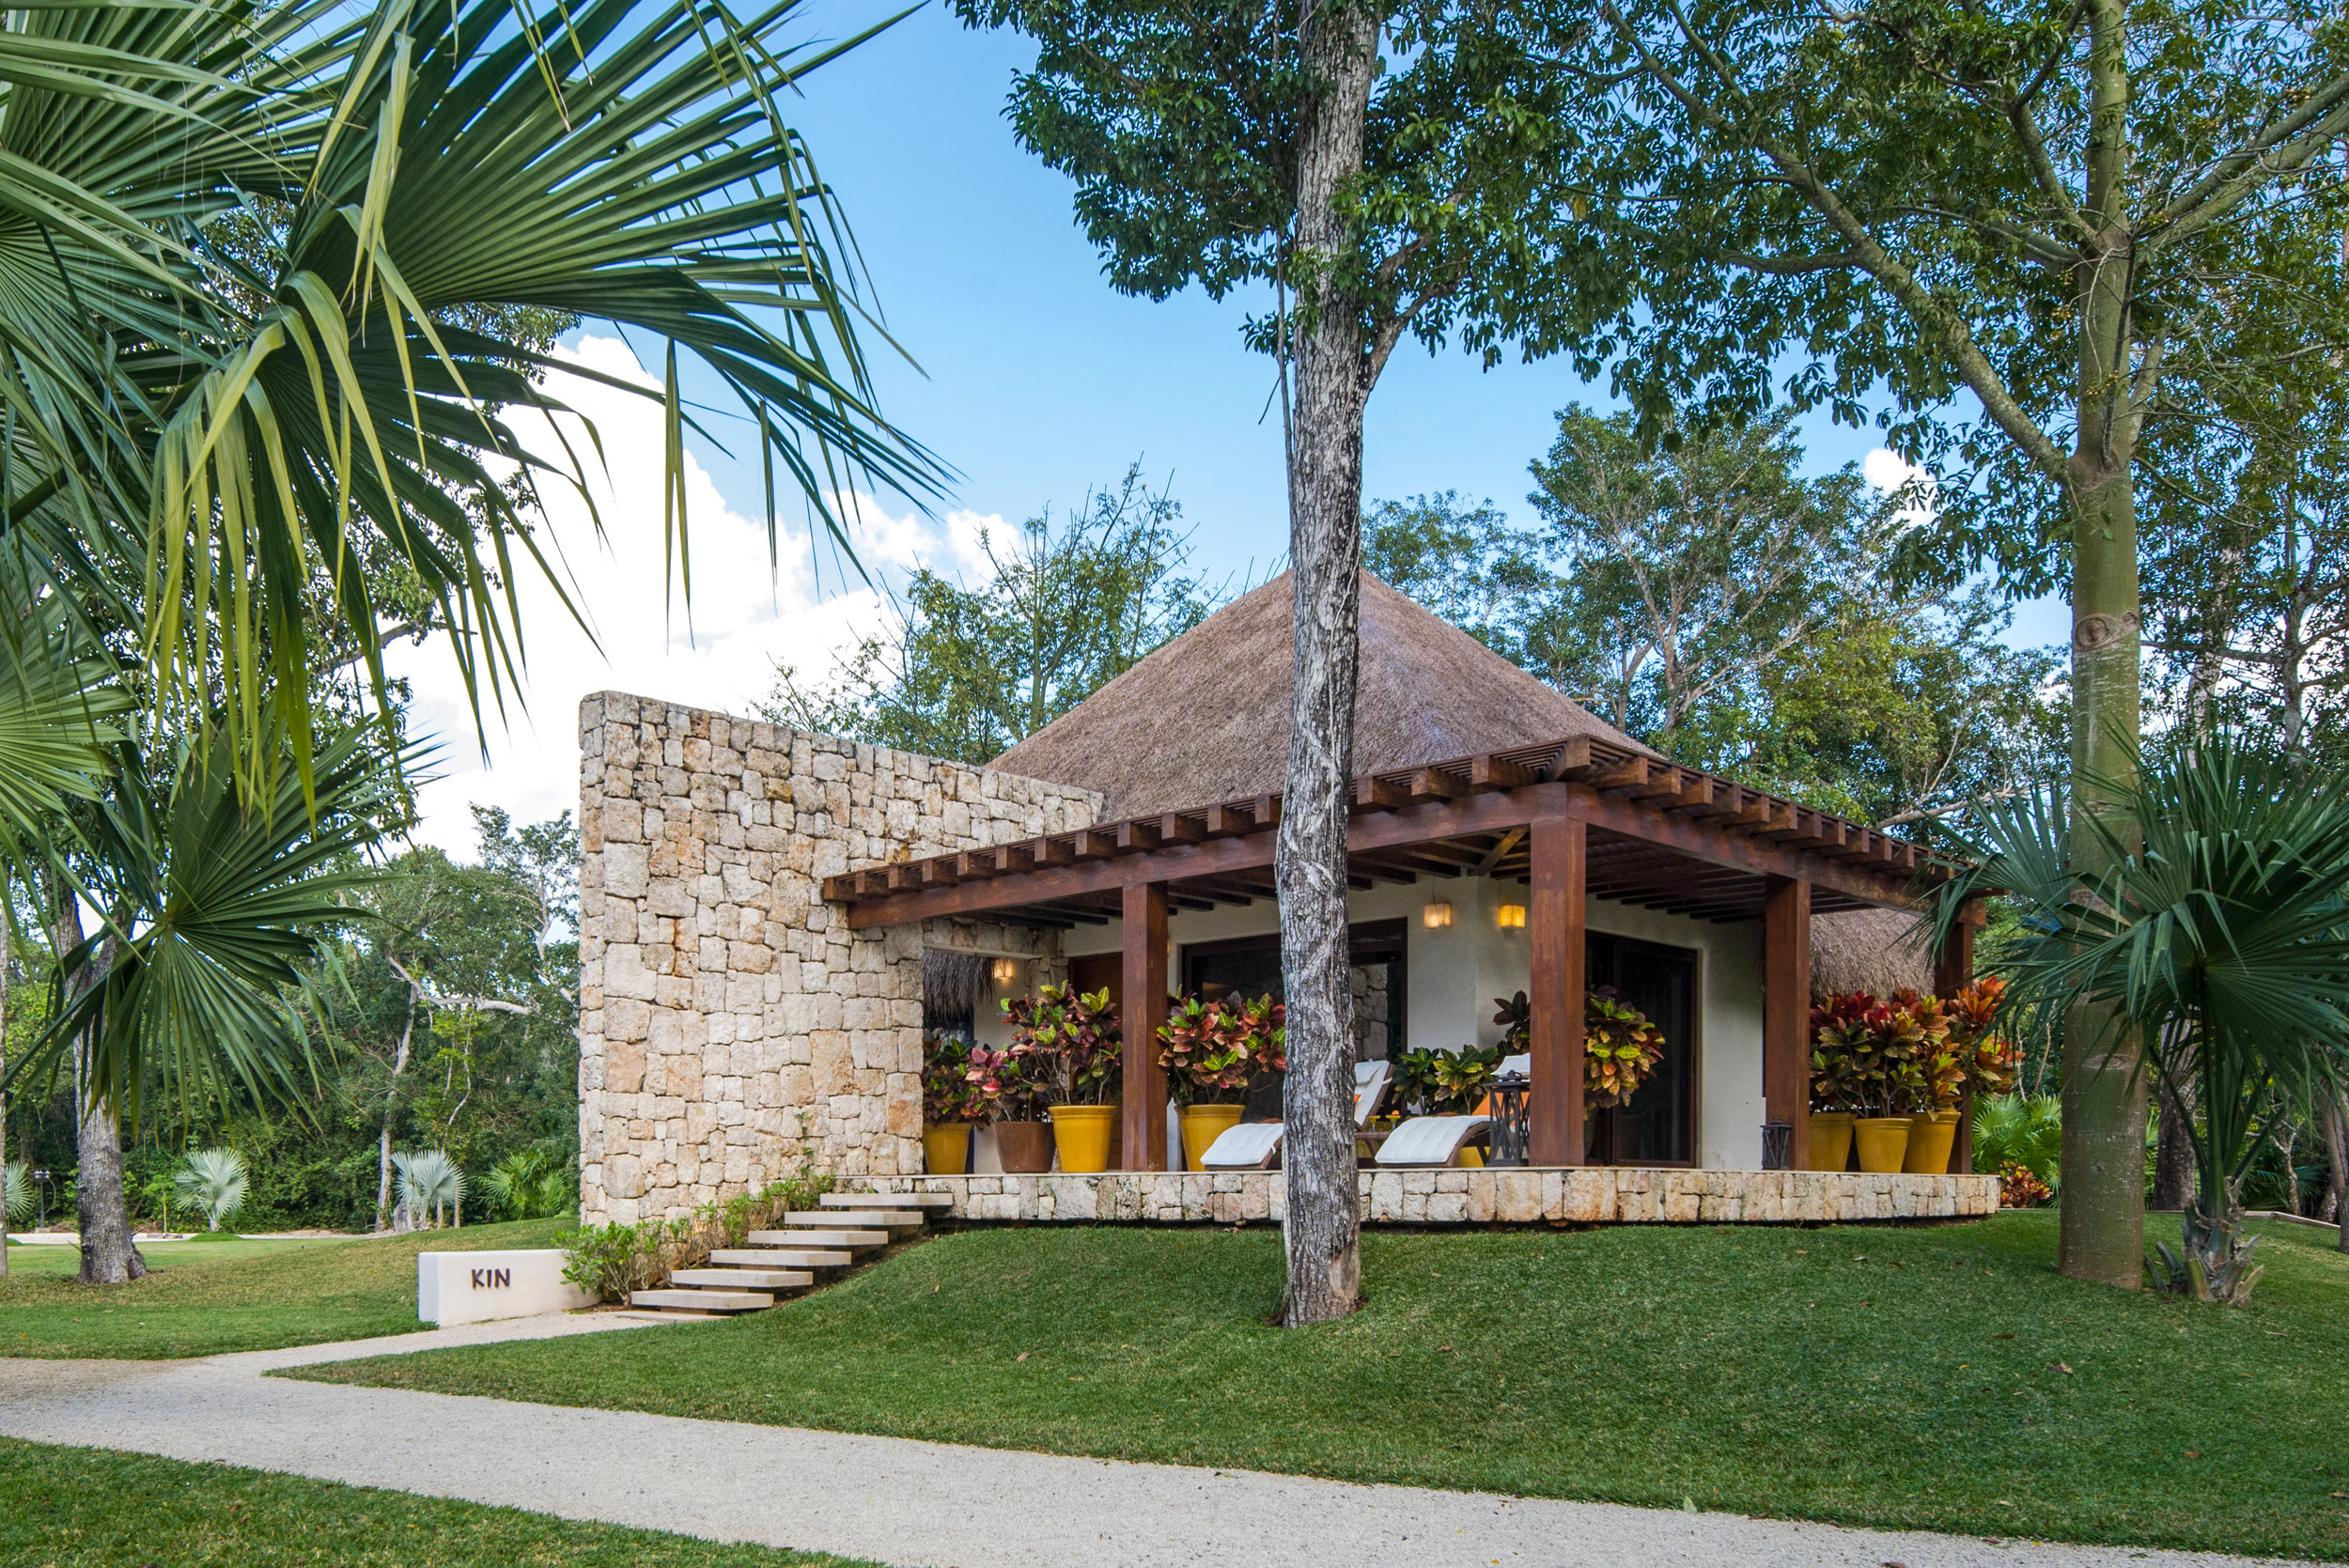 Rancho Ixtul exteriores-3670-2.jpg